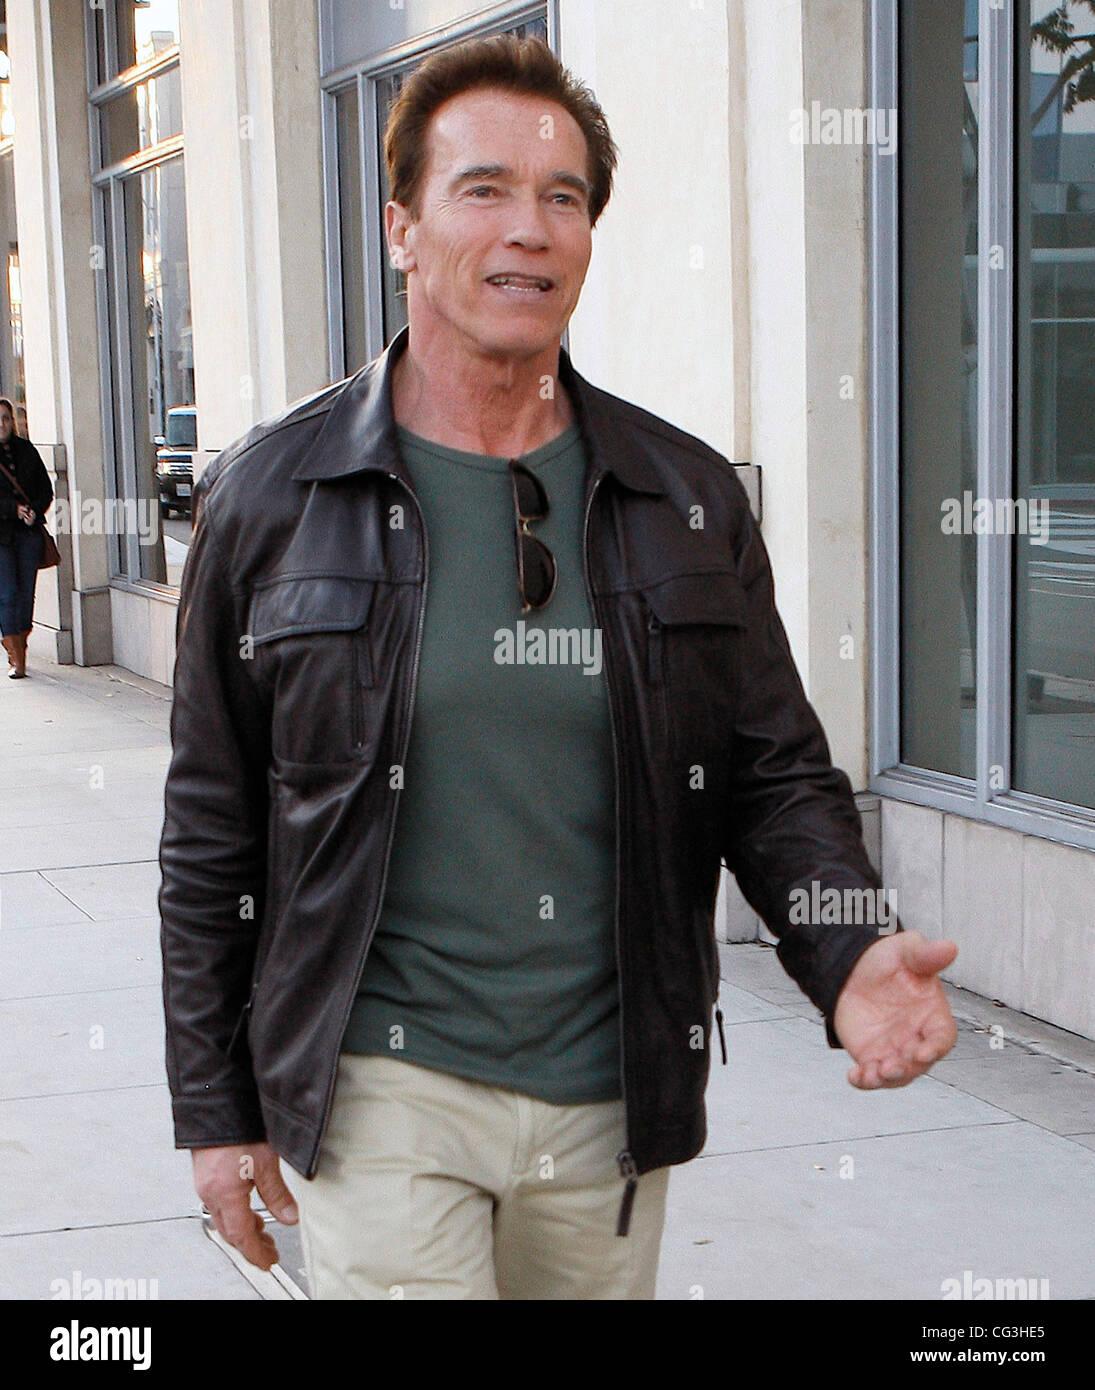 som er dating Arnold Schwarzenegger sønn dating jente med fyr venner